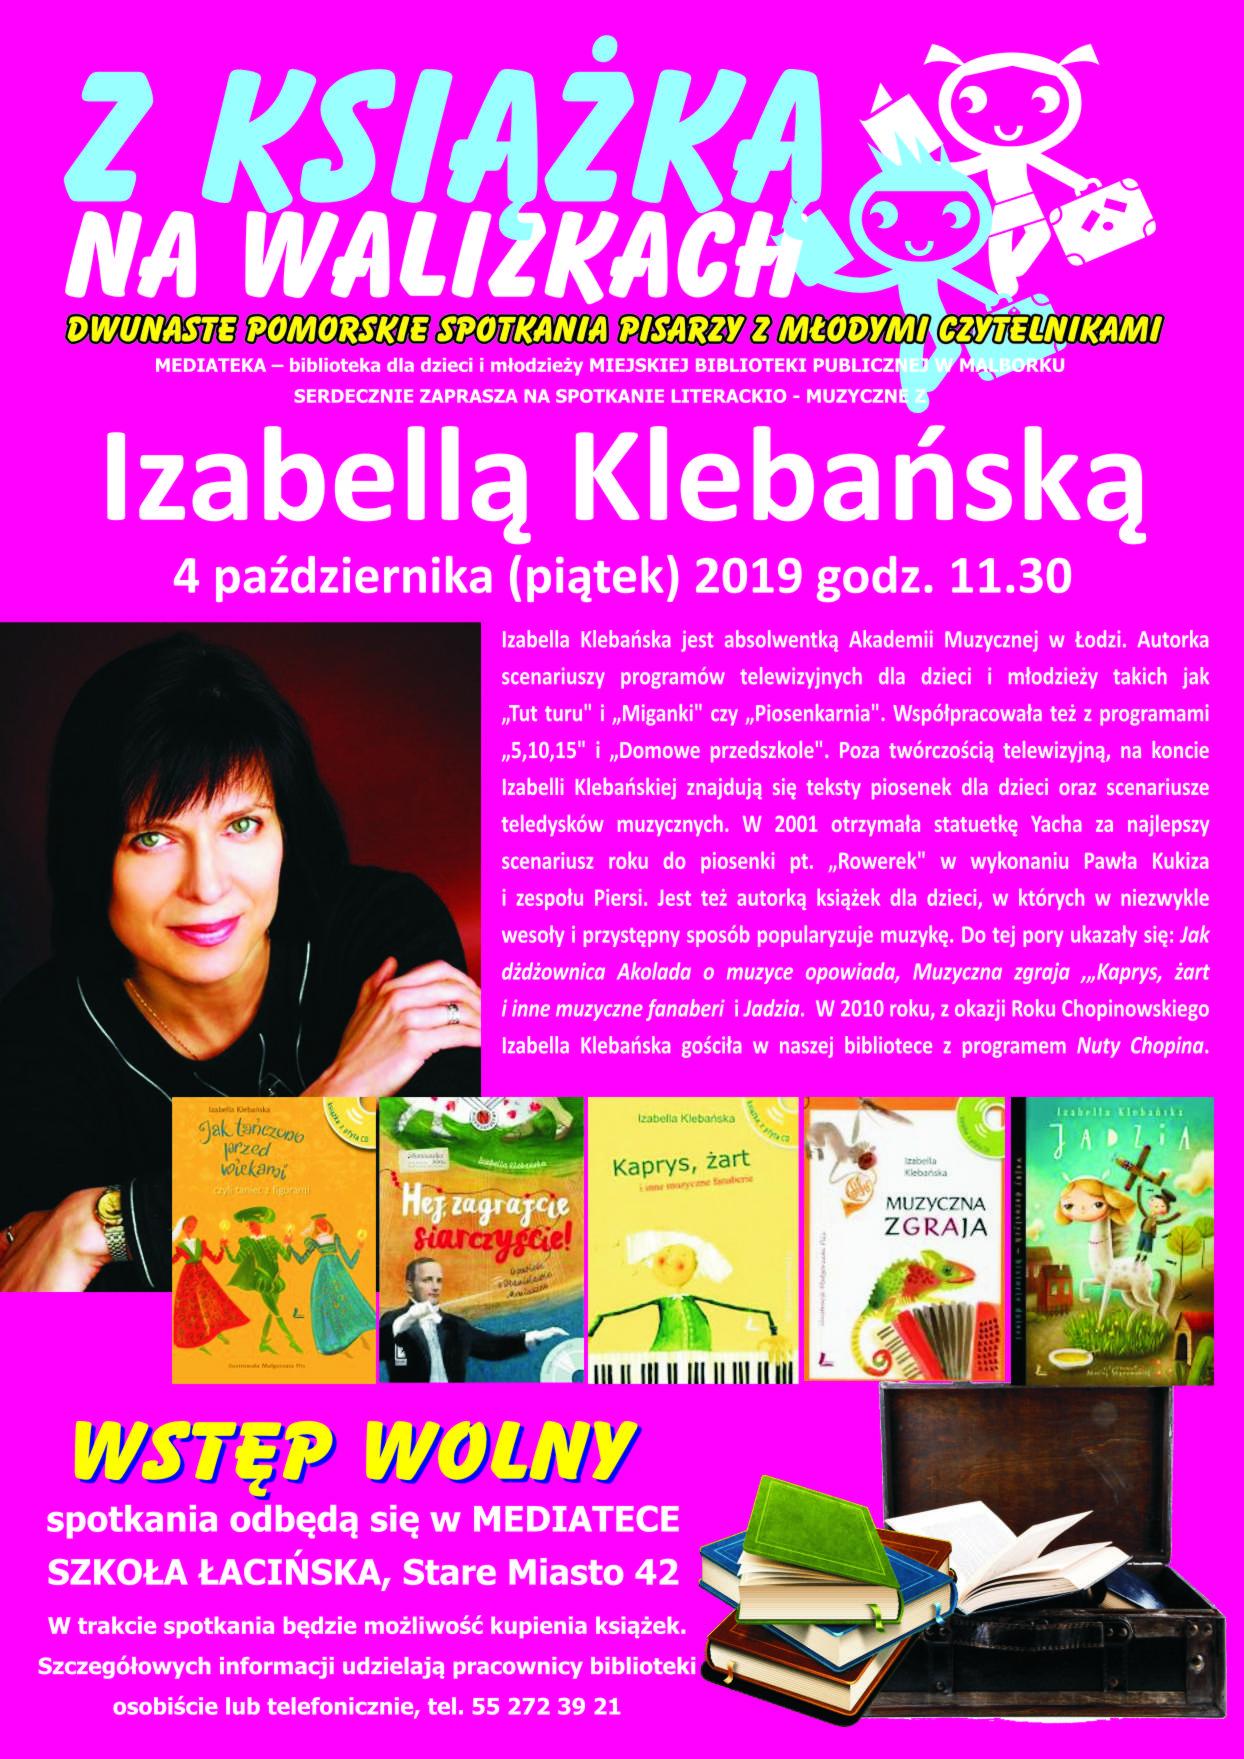 http://m.82-200.pl/2019/09/orig/walizki2019-4990.jpg